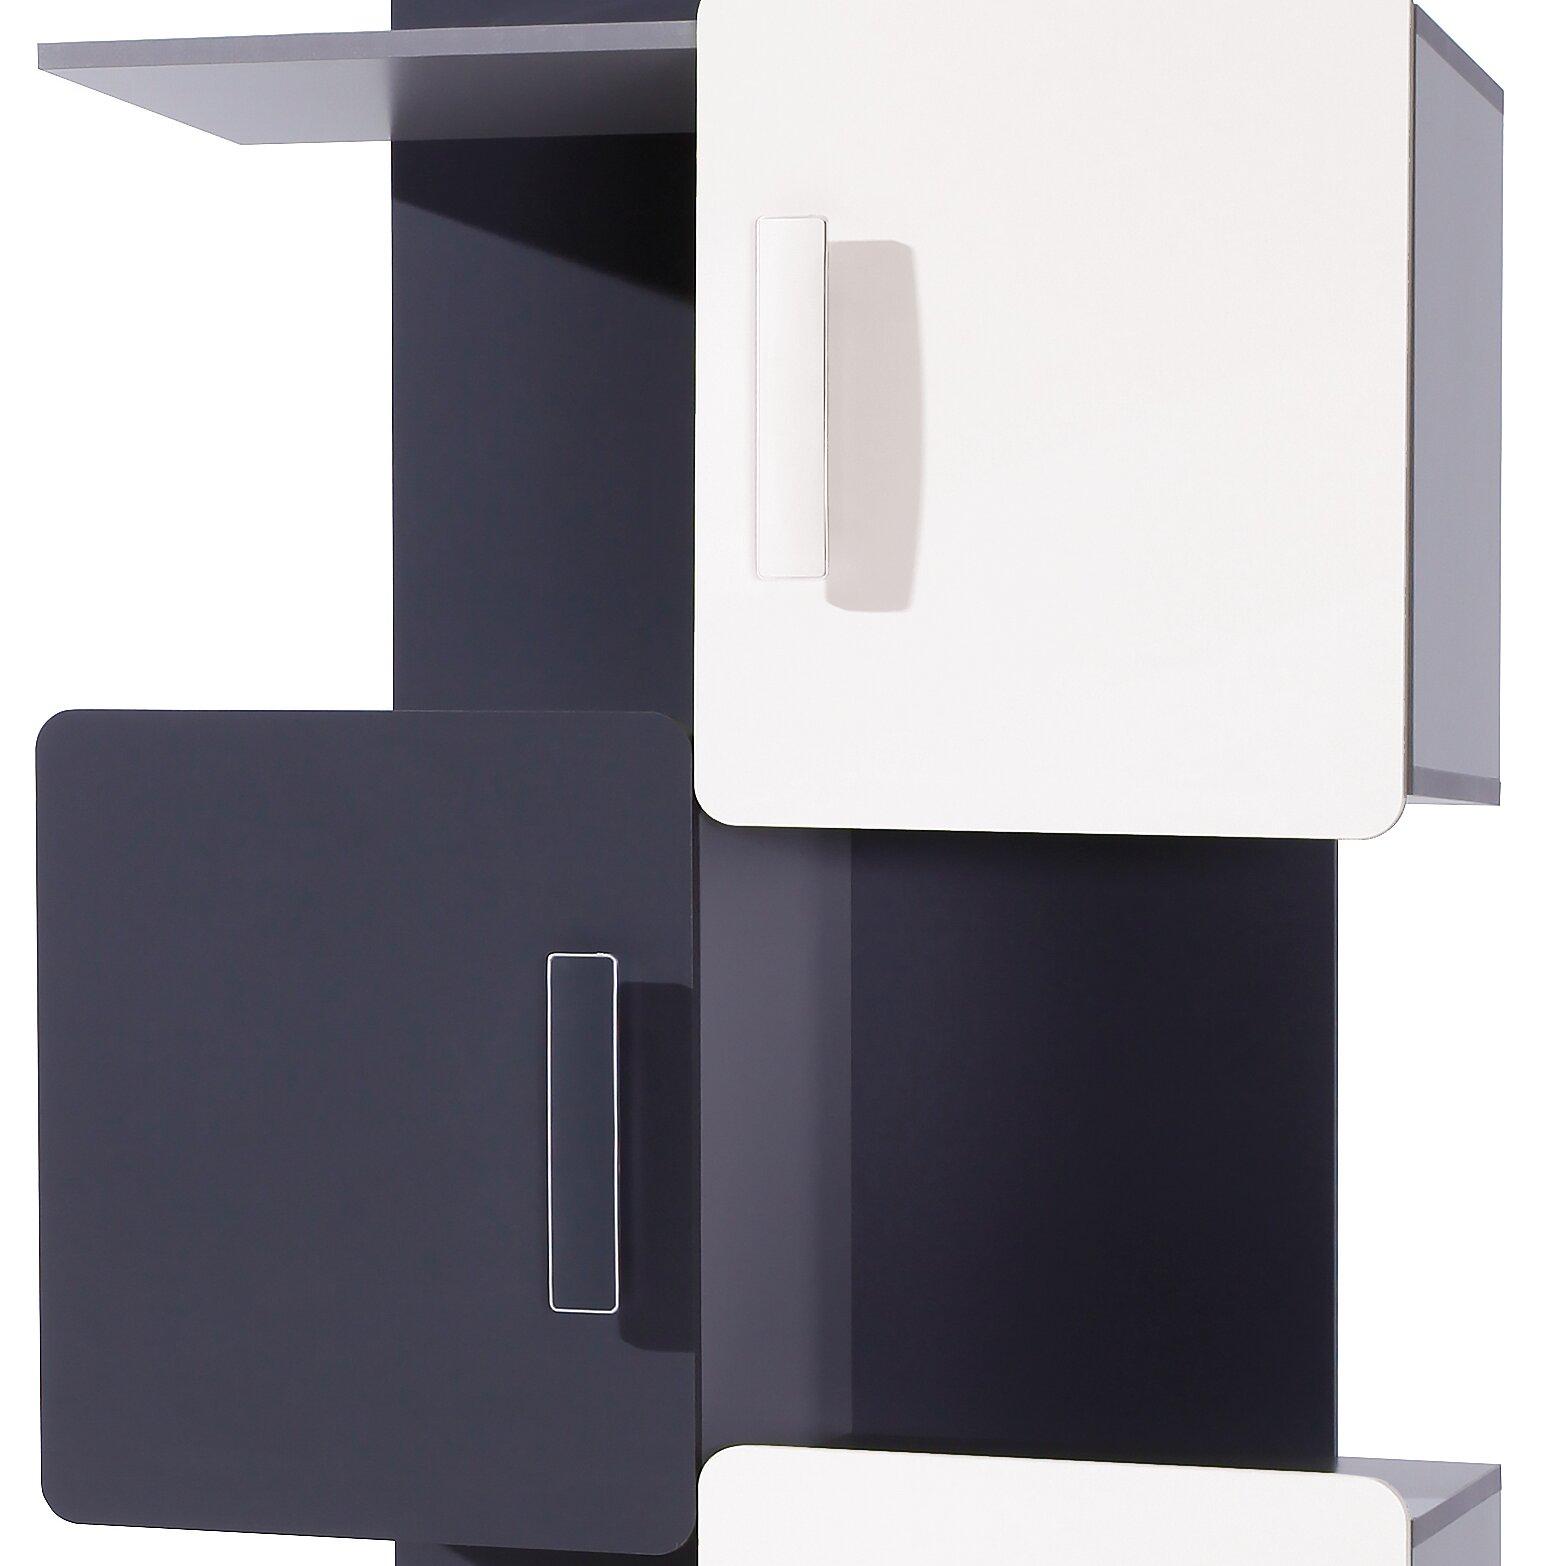 dcor design - dcor design liwia bookcase reviews wayfaircouk